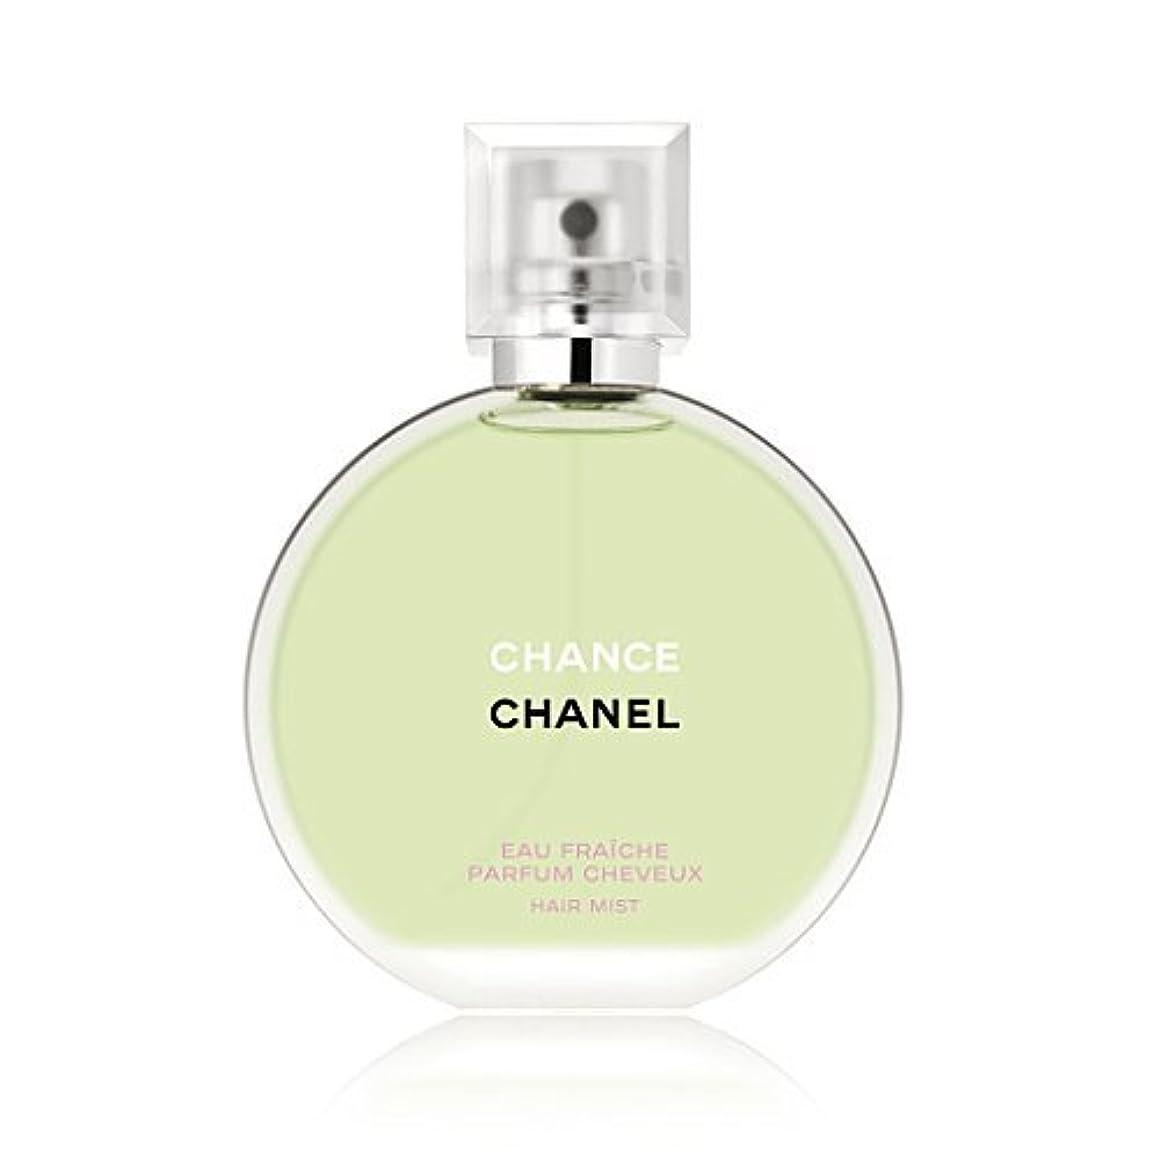 生き物タップ結婚したシャネル(CHANEL) チャンス オー フレッシュ ヘア ミスト 35ml[並行輸入品]